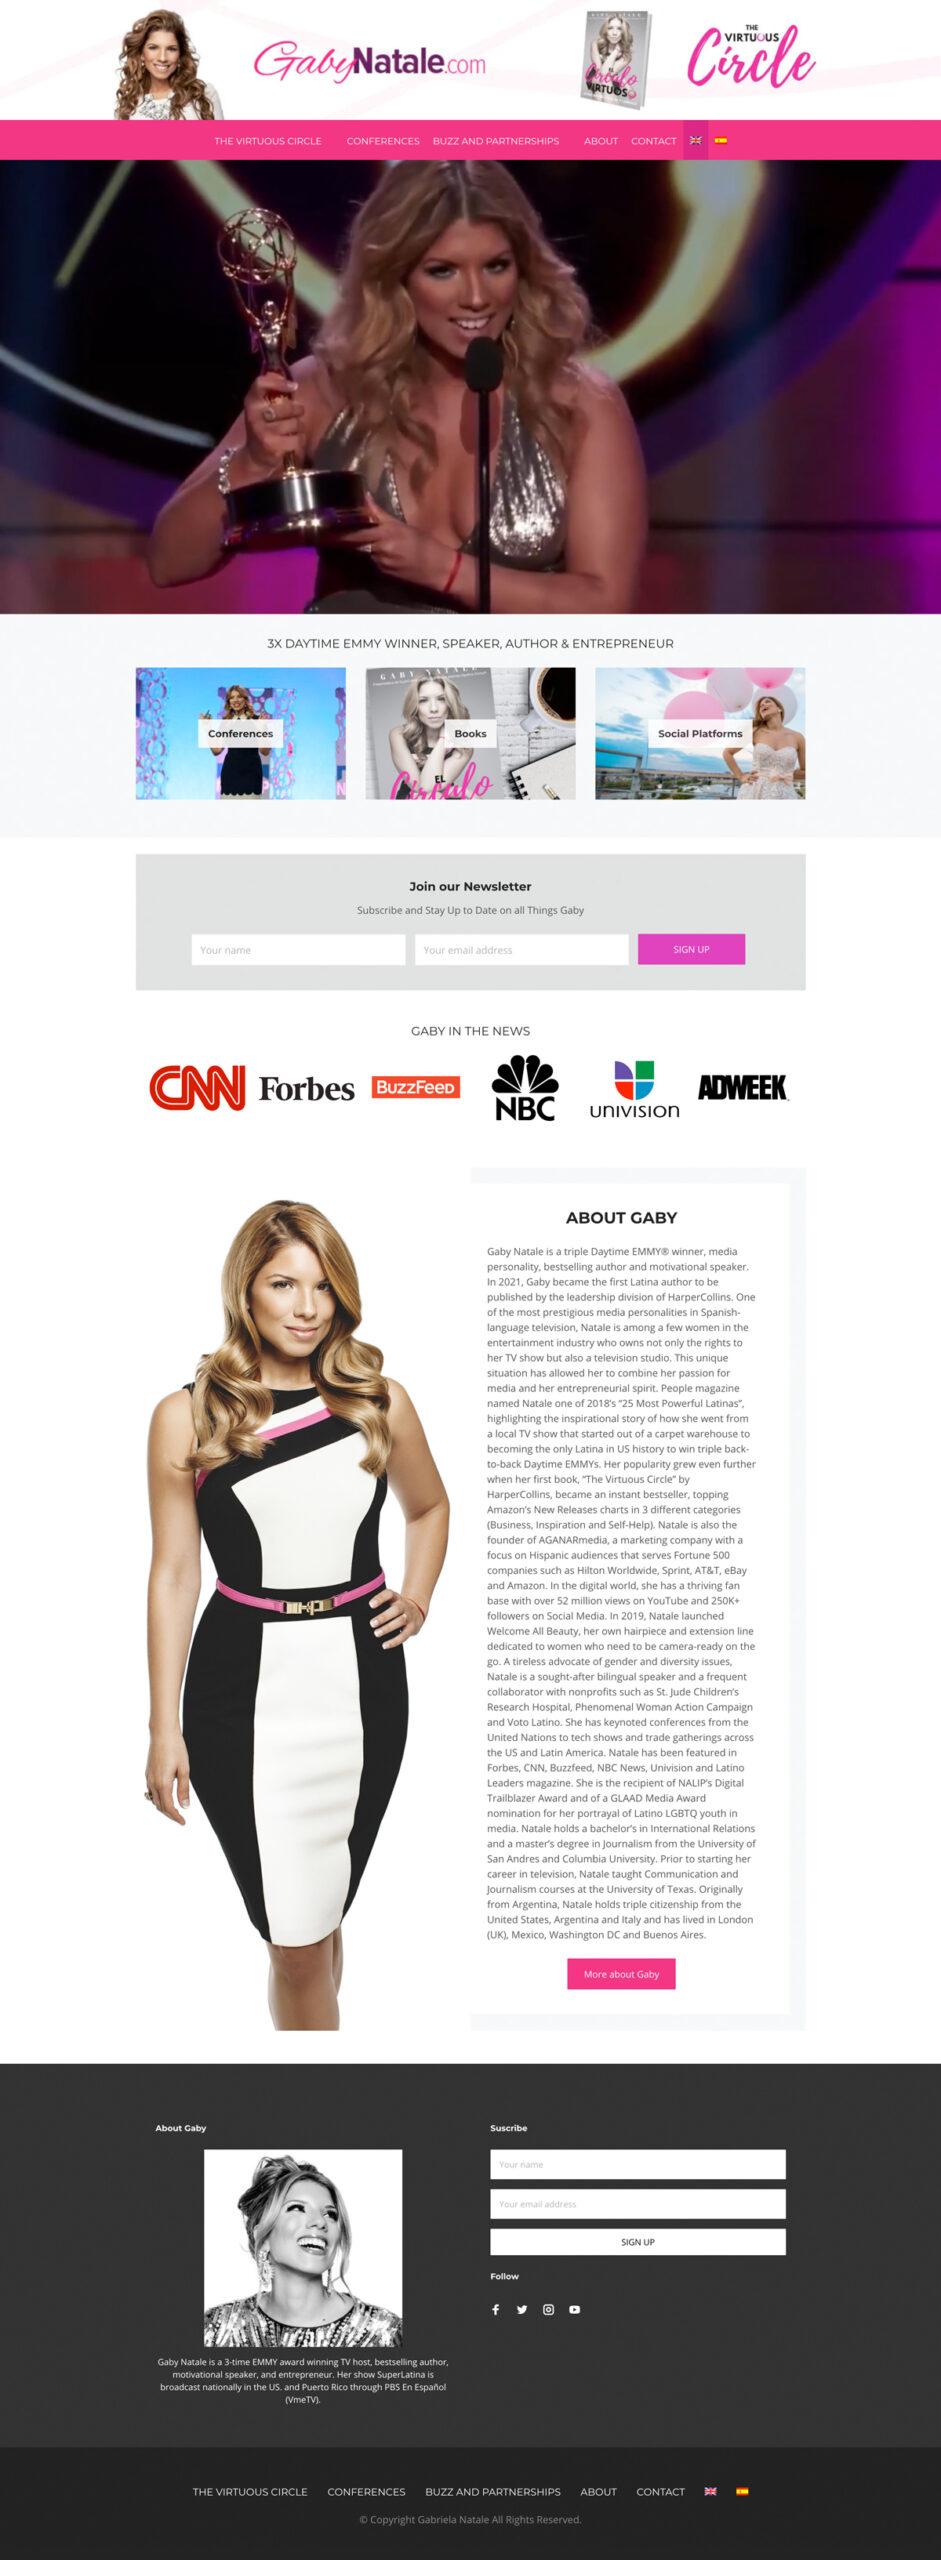 Gaby Natale Website